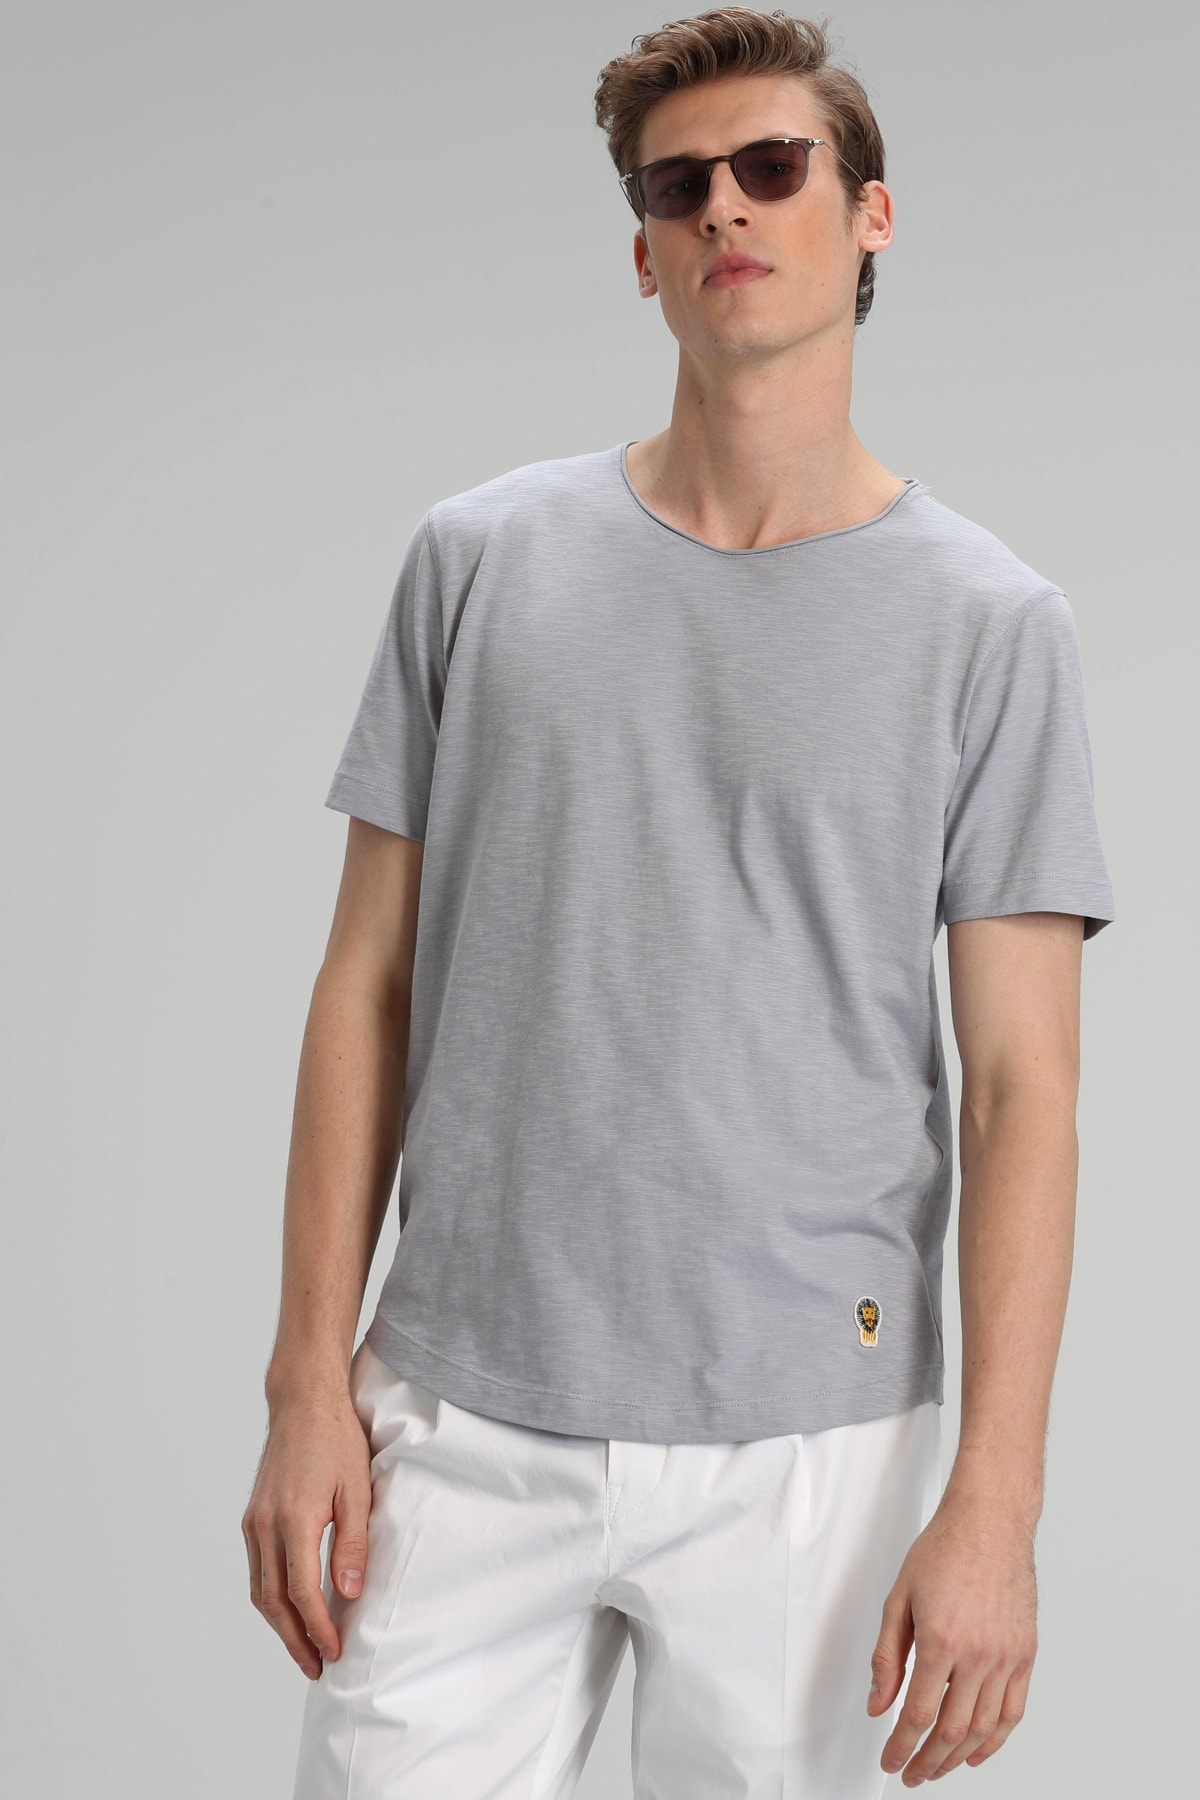 Junya Modern Grafik T- Shirt Açık Gri